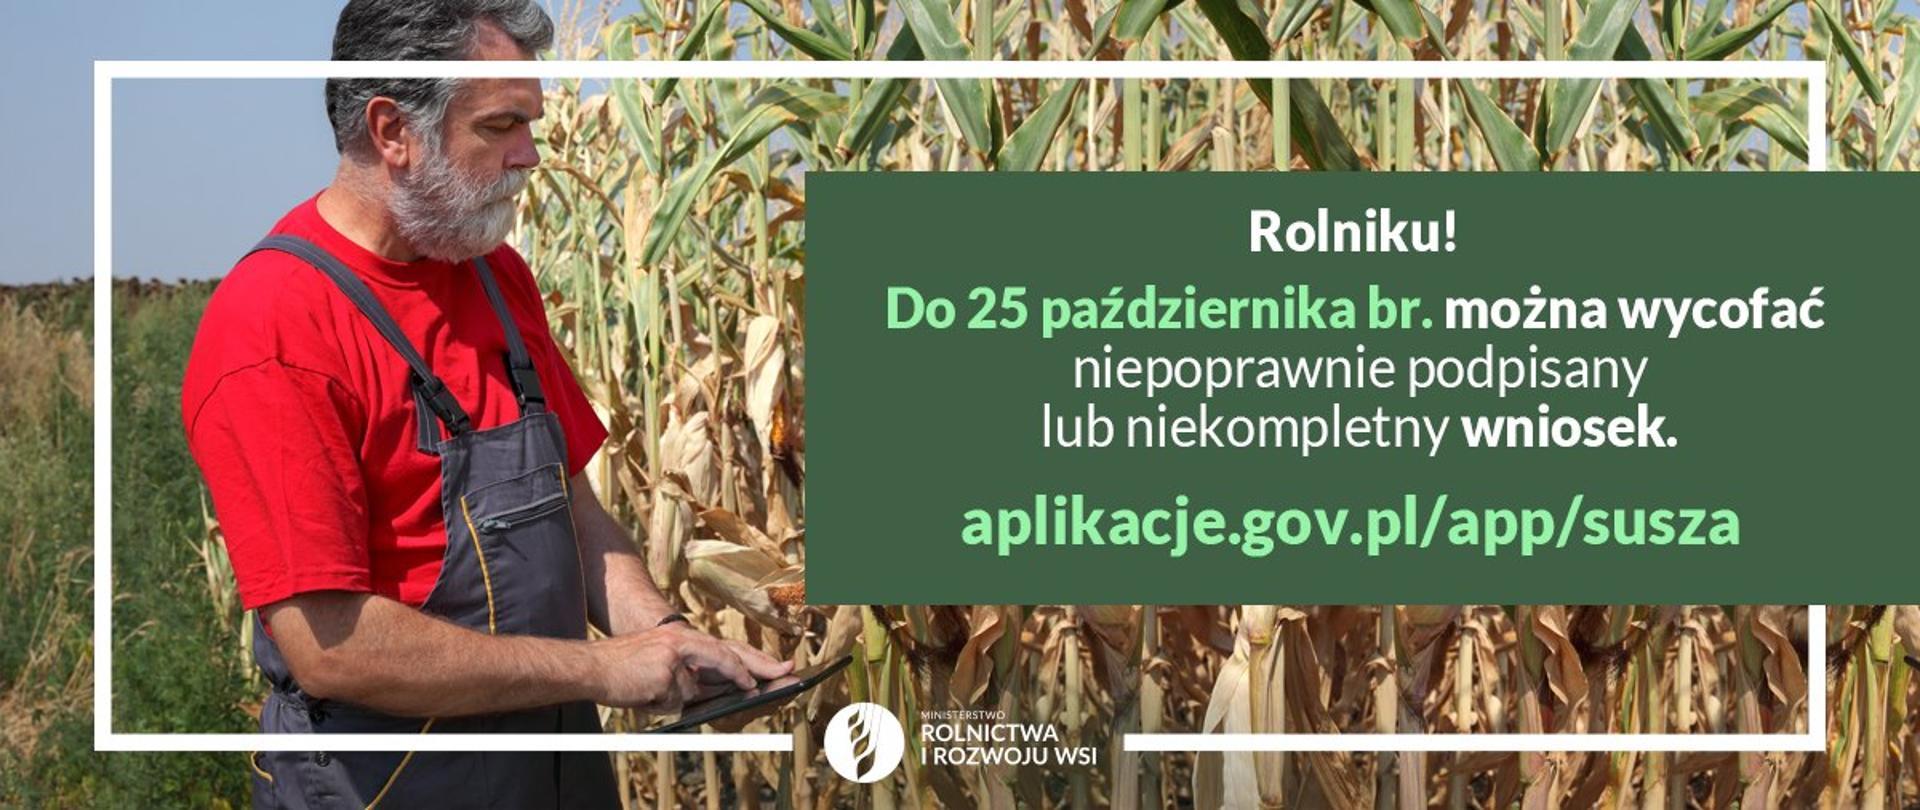 rolnik na polu kukurydzy